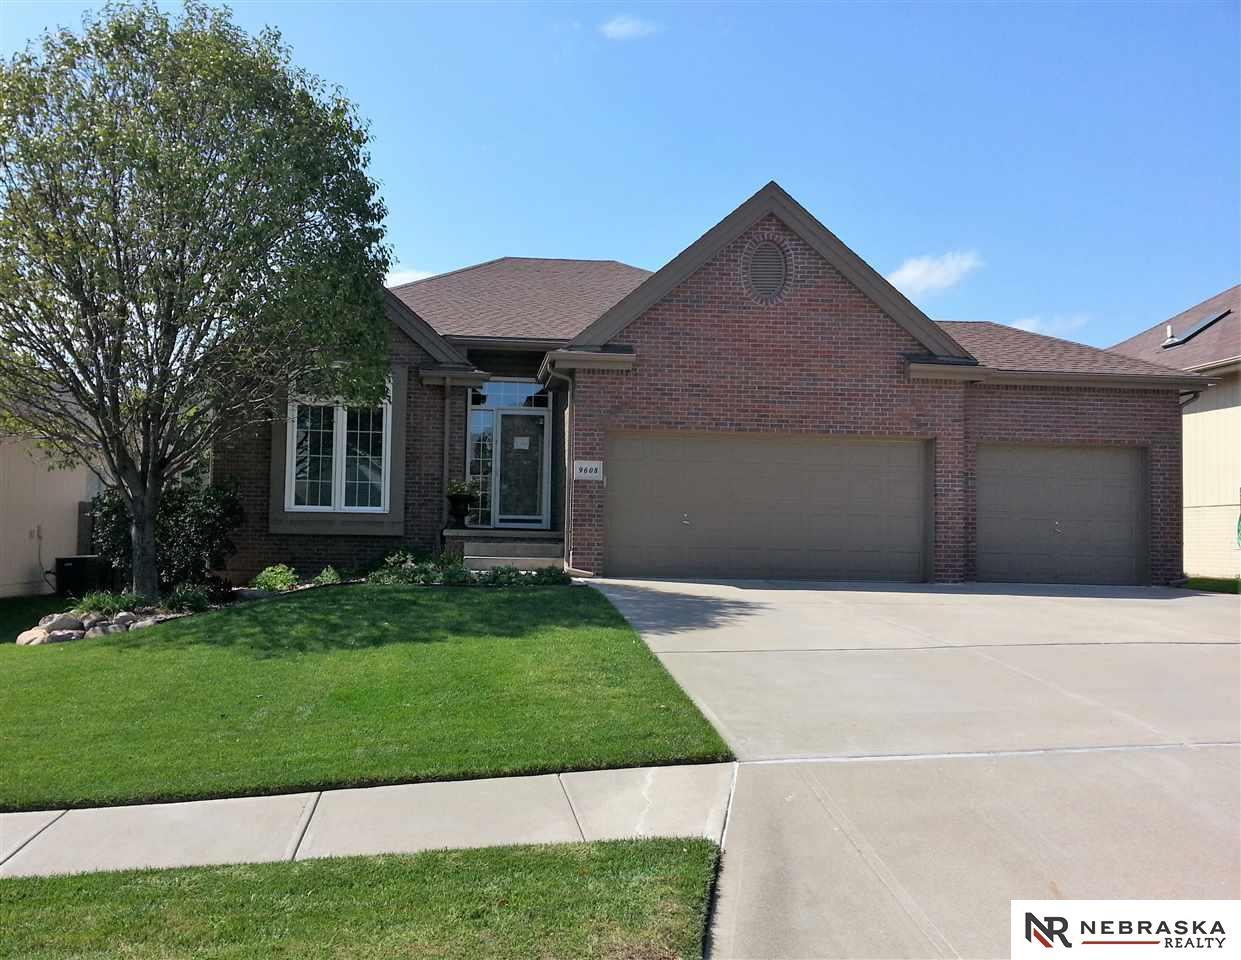 Real Estate for Sale, ListingId: 34820757, Bellevue,NE68123